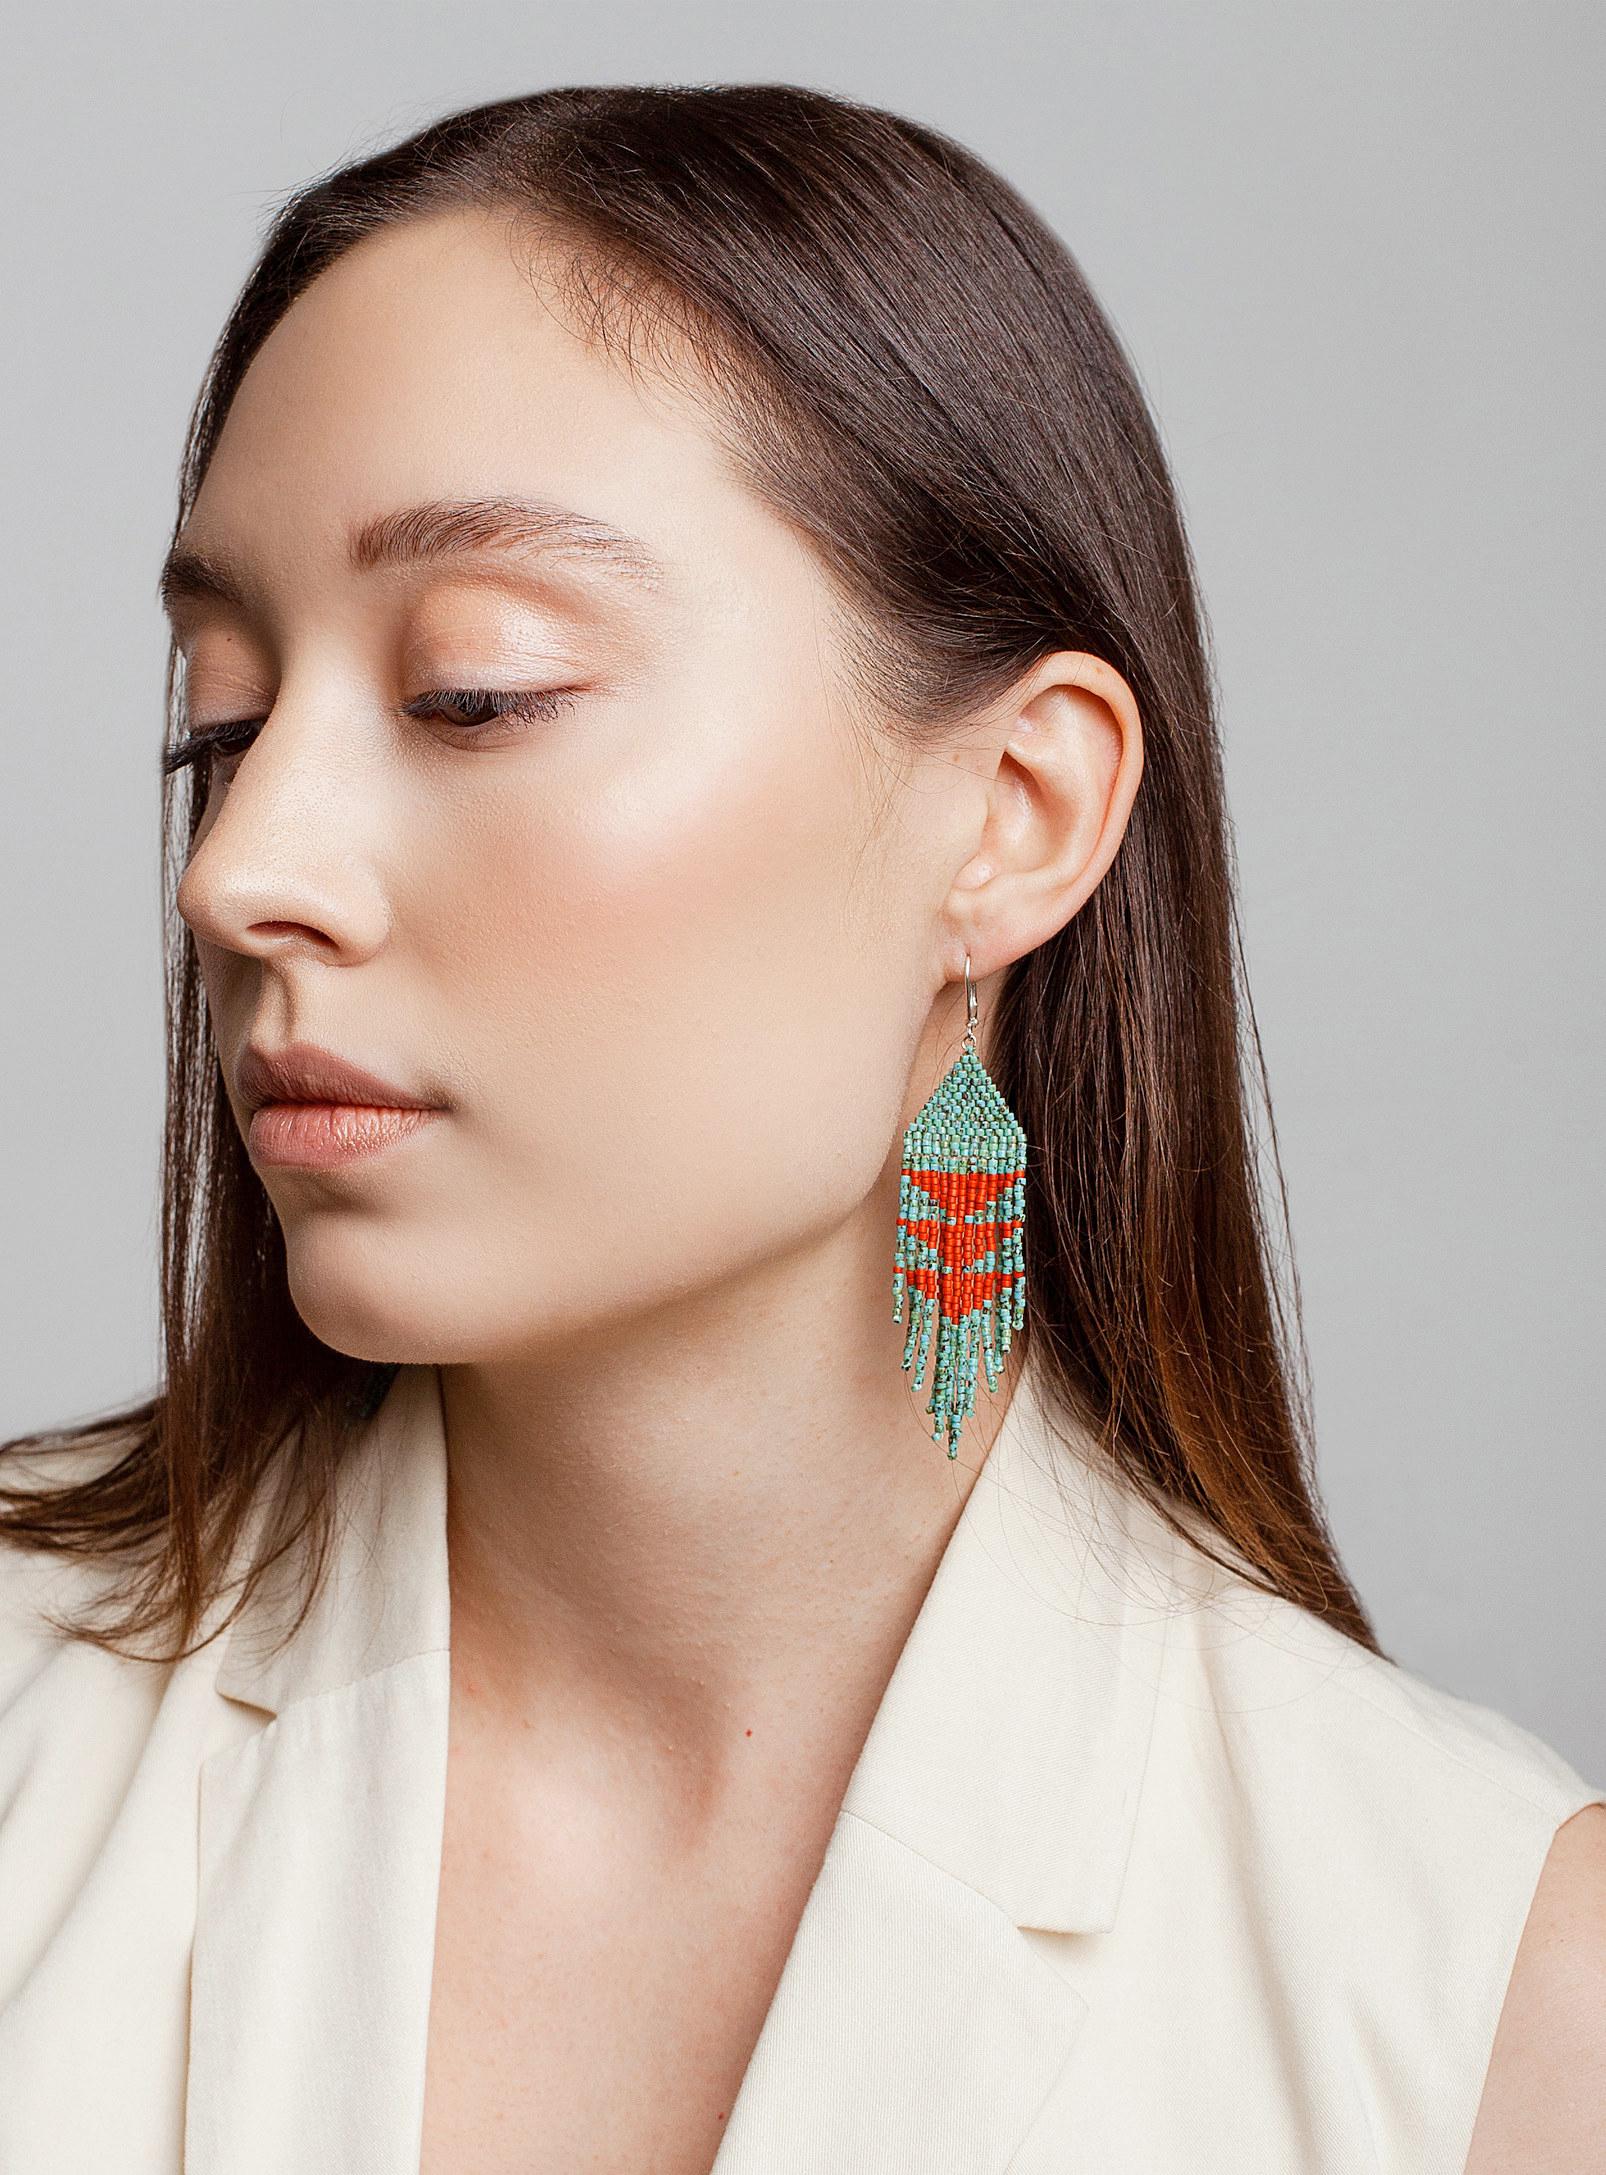 A person wearing long beaded earrings